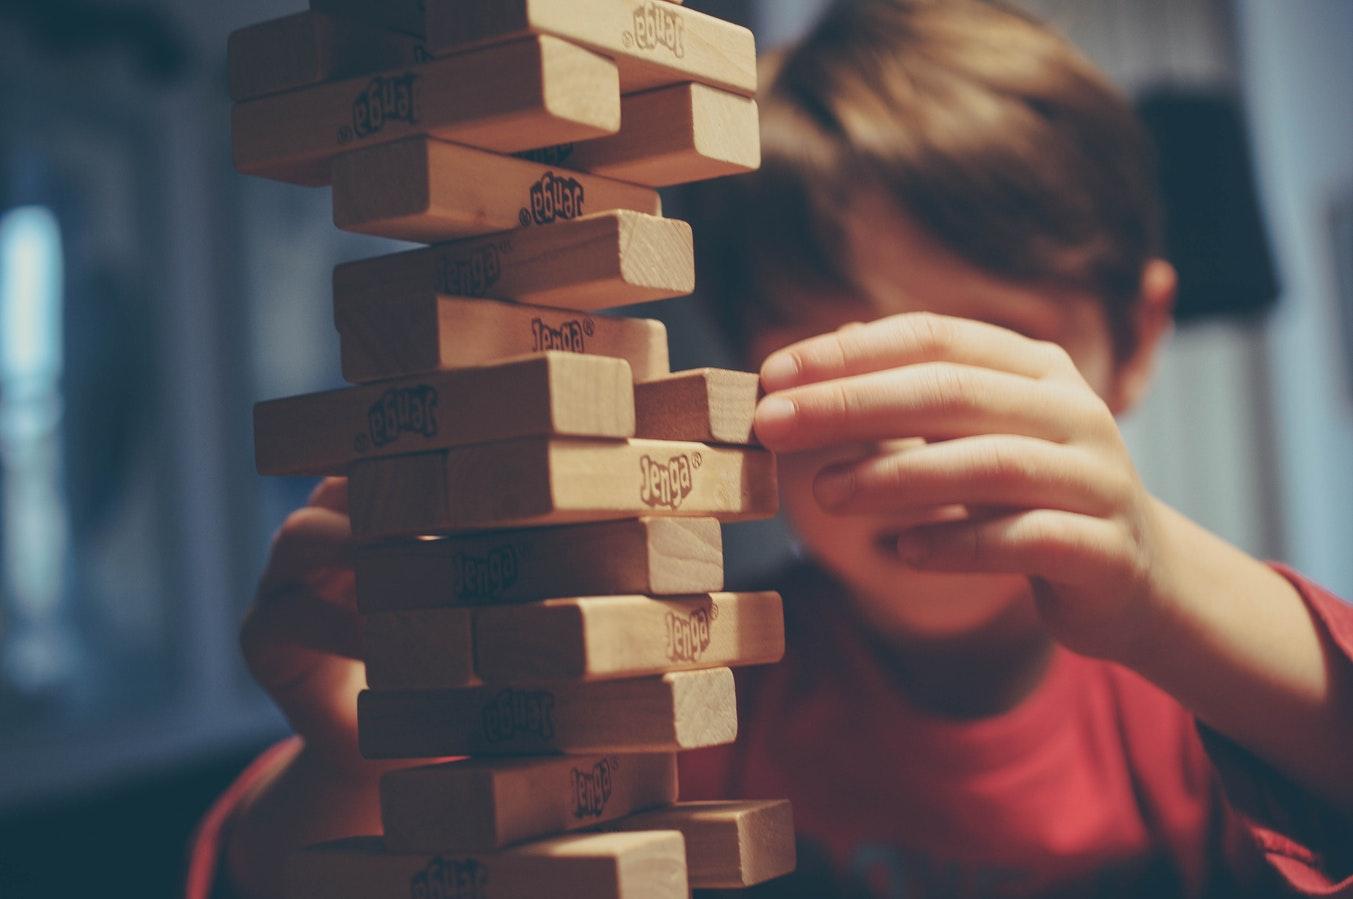 Keskustelu sijaishuollon kilpailutuksesta kaipaa tarkkuutta ja monipuolisempia näkökulmia